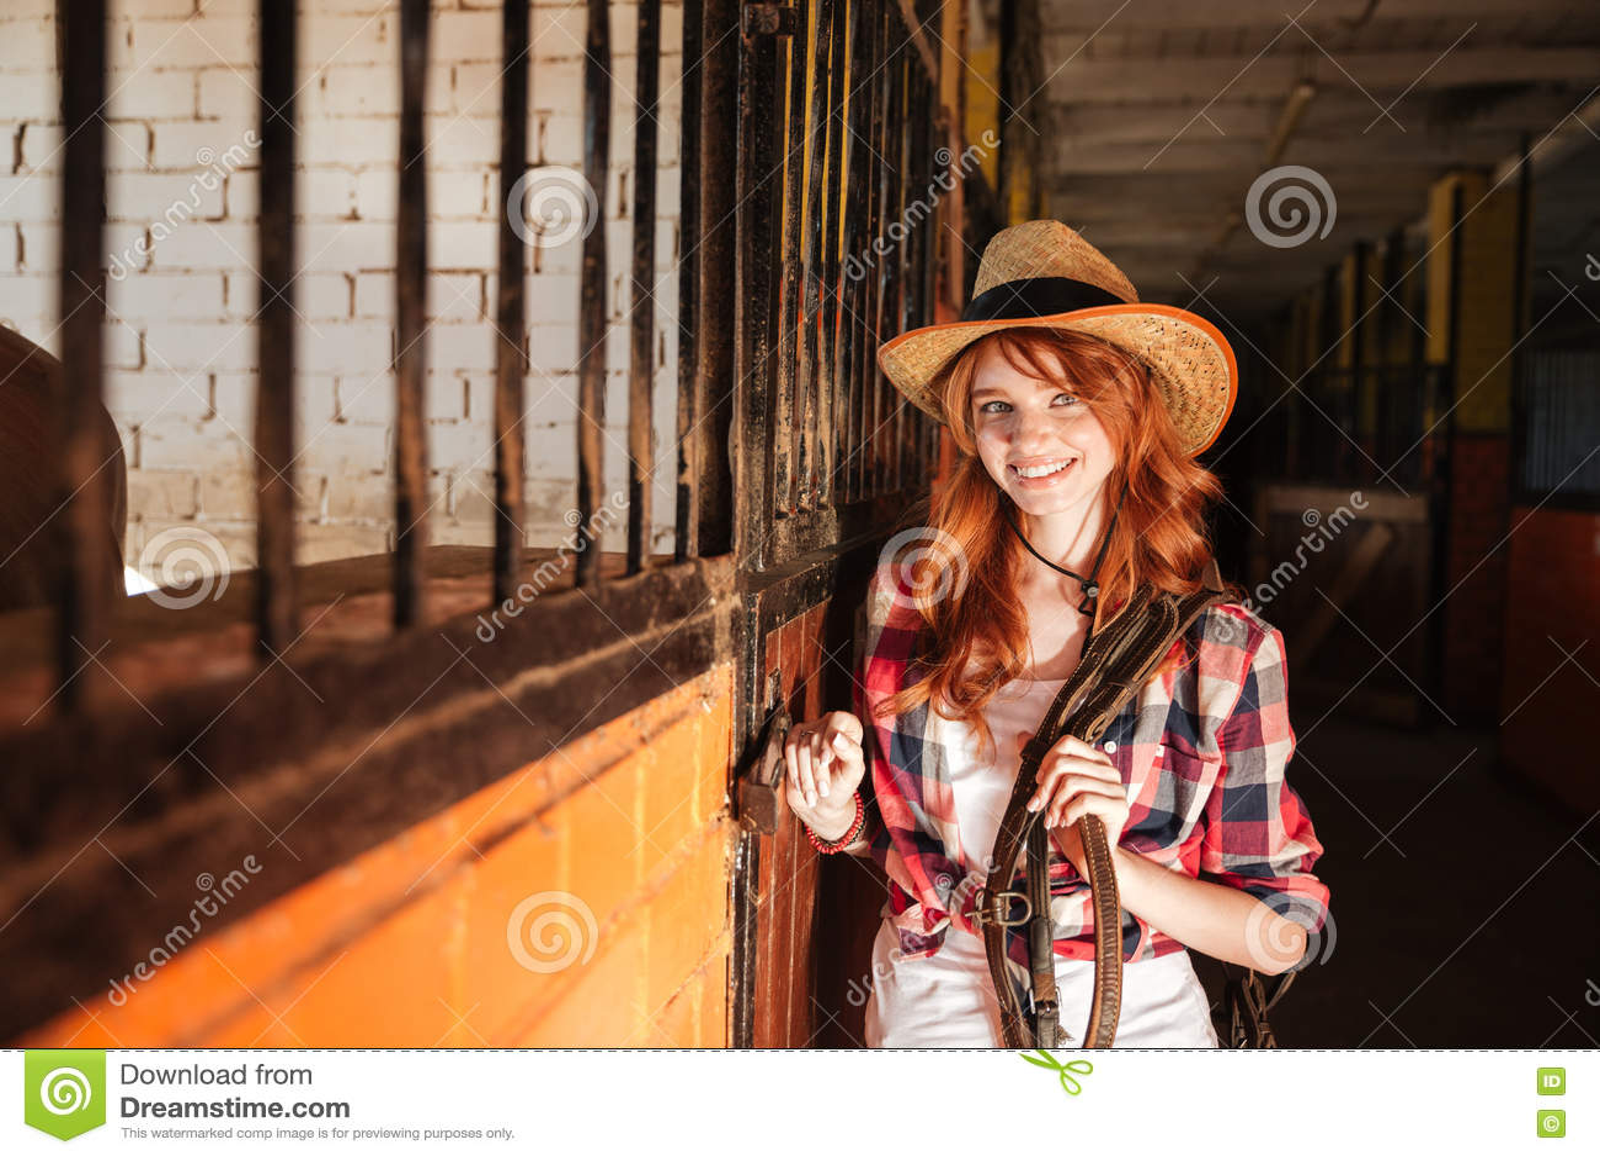 Ευτυχής όμορφη νέα γυναίκα cowgirl που στέκεται στο σταύλο